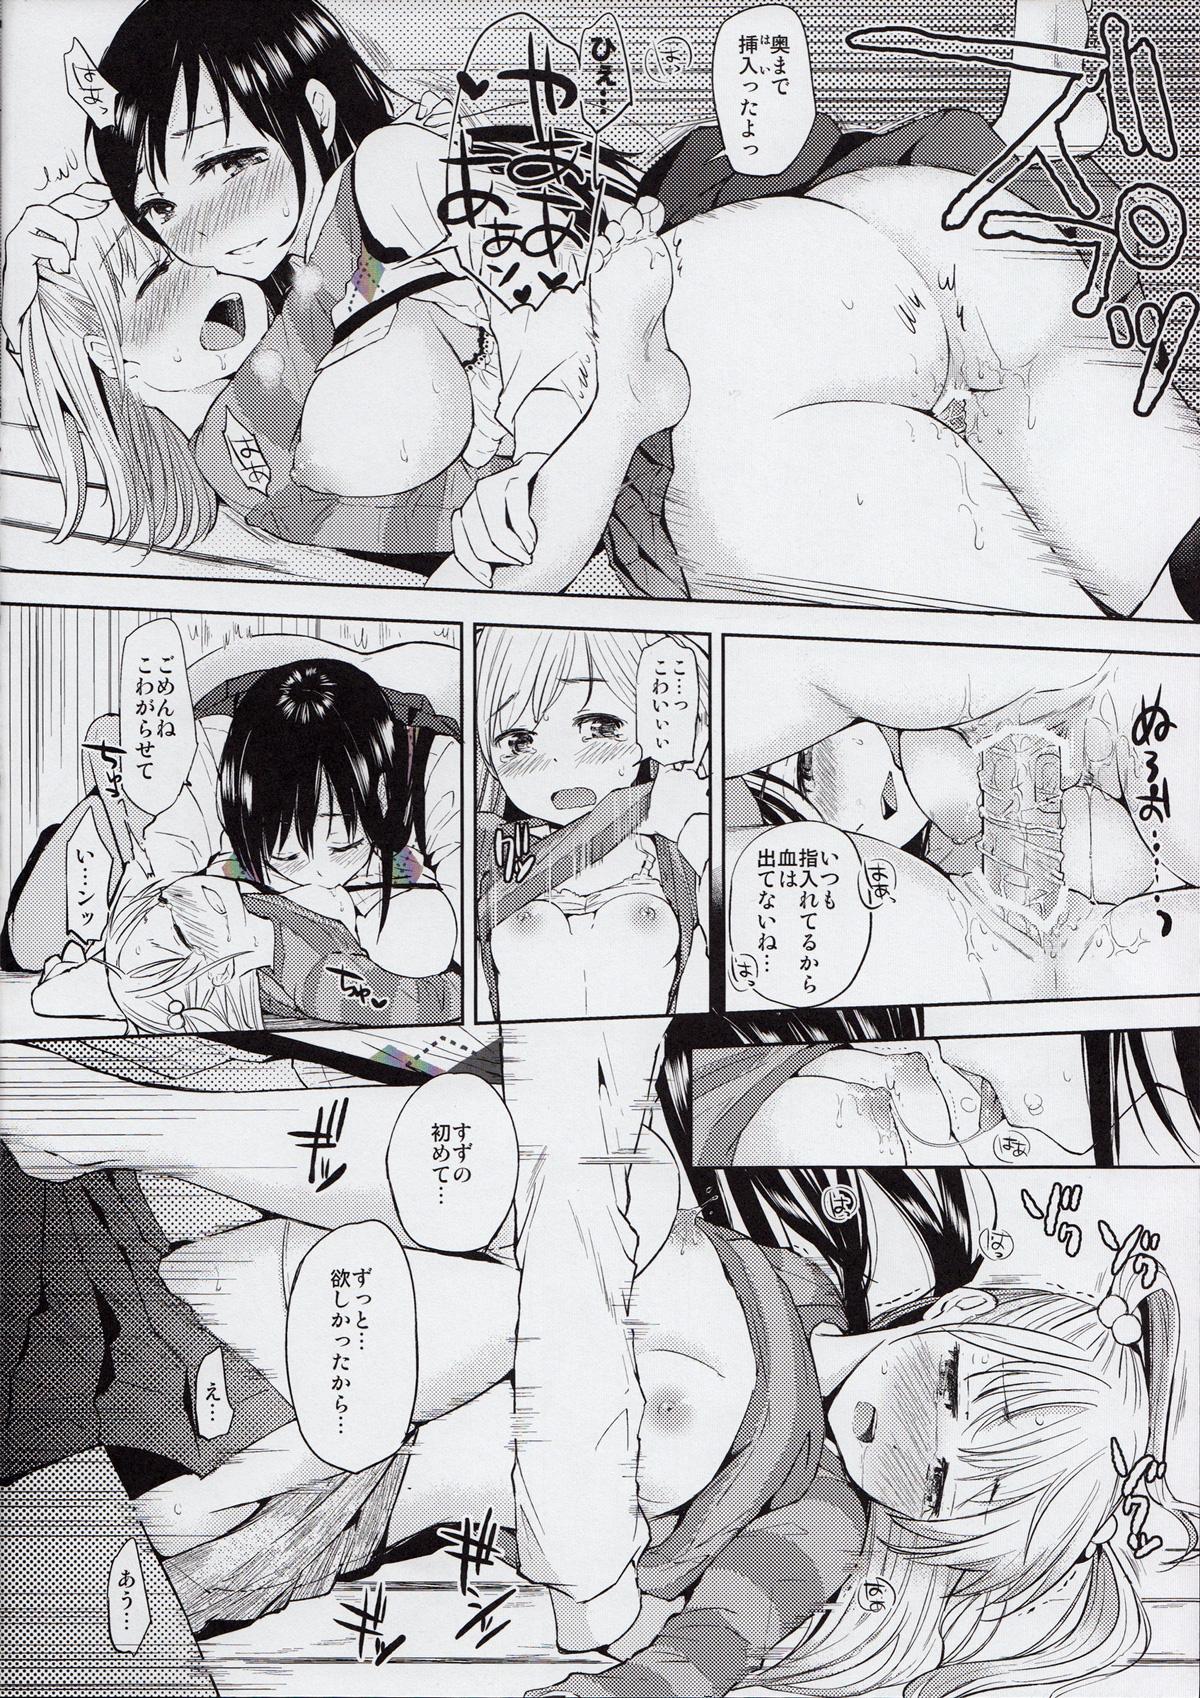 【エロ漫画・エロ同人】ちっぱい娘が隣に住む巨乳娘と公園でエッチしてるw性感スプレー使ってレズセックスwww (13)